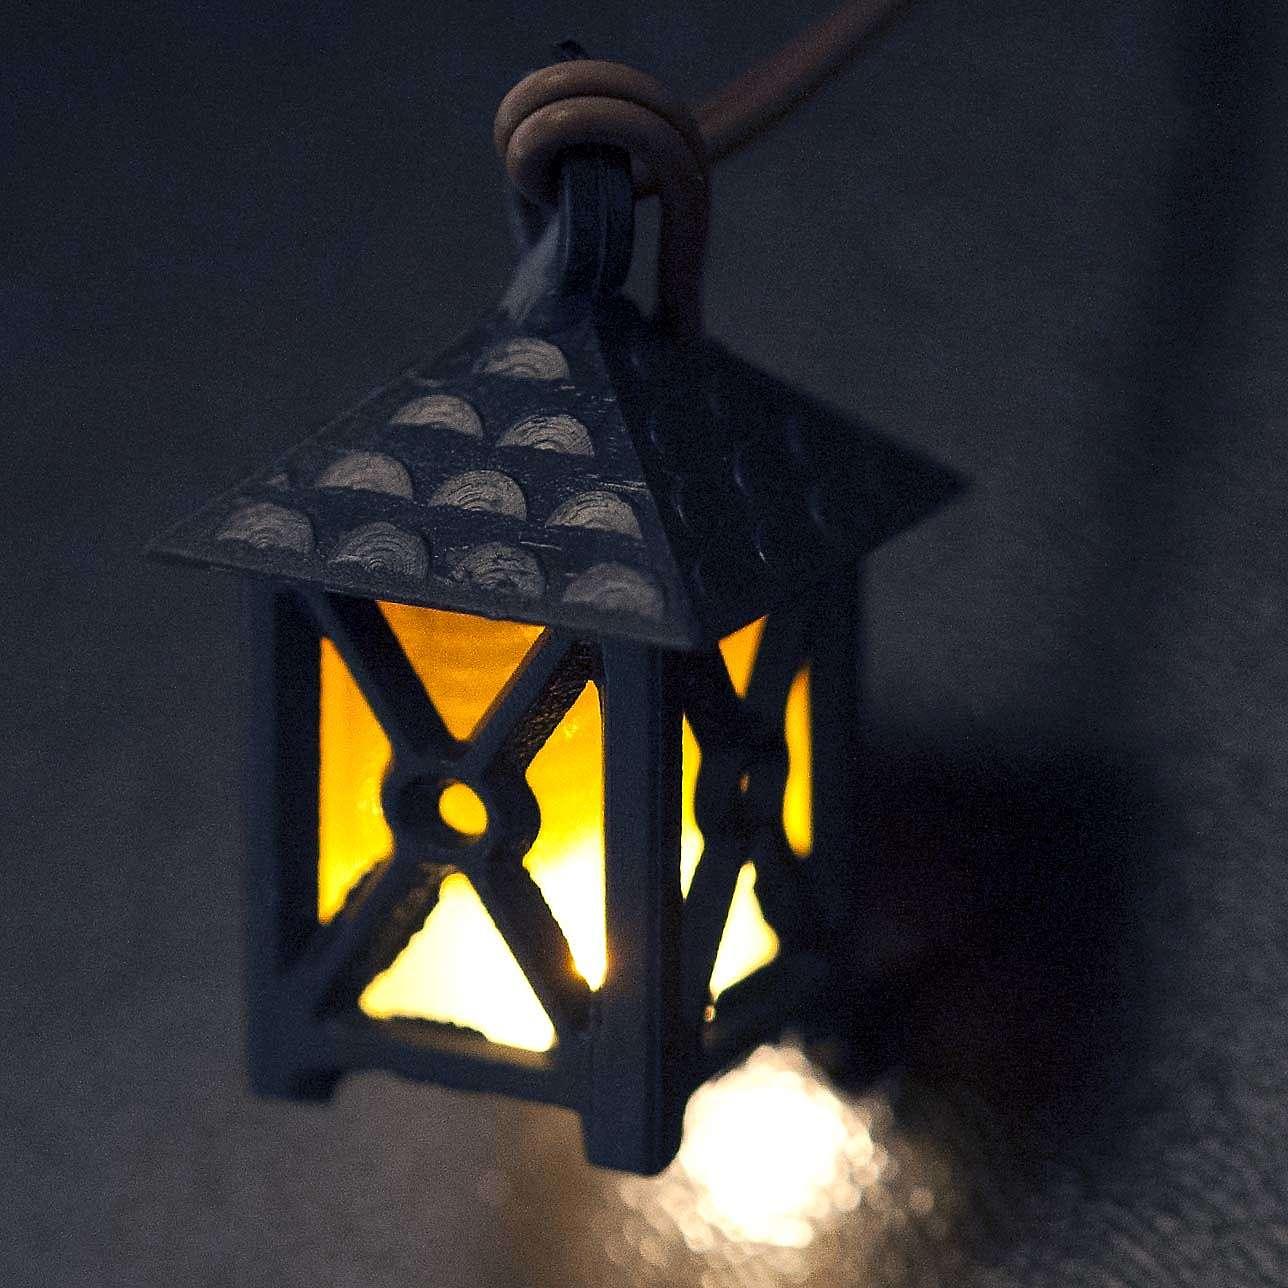 Lanterne crèche Noel lumière jaune bas voltage 4